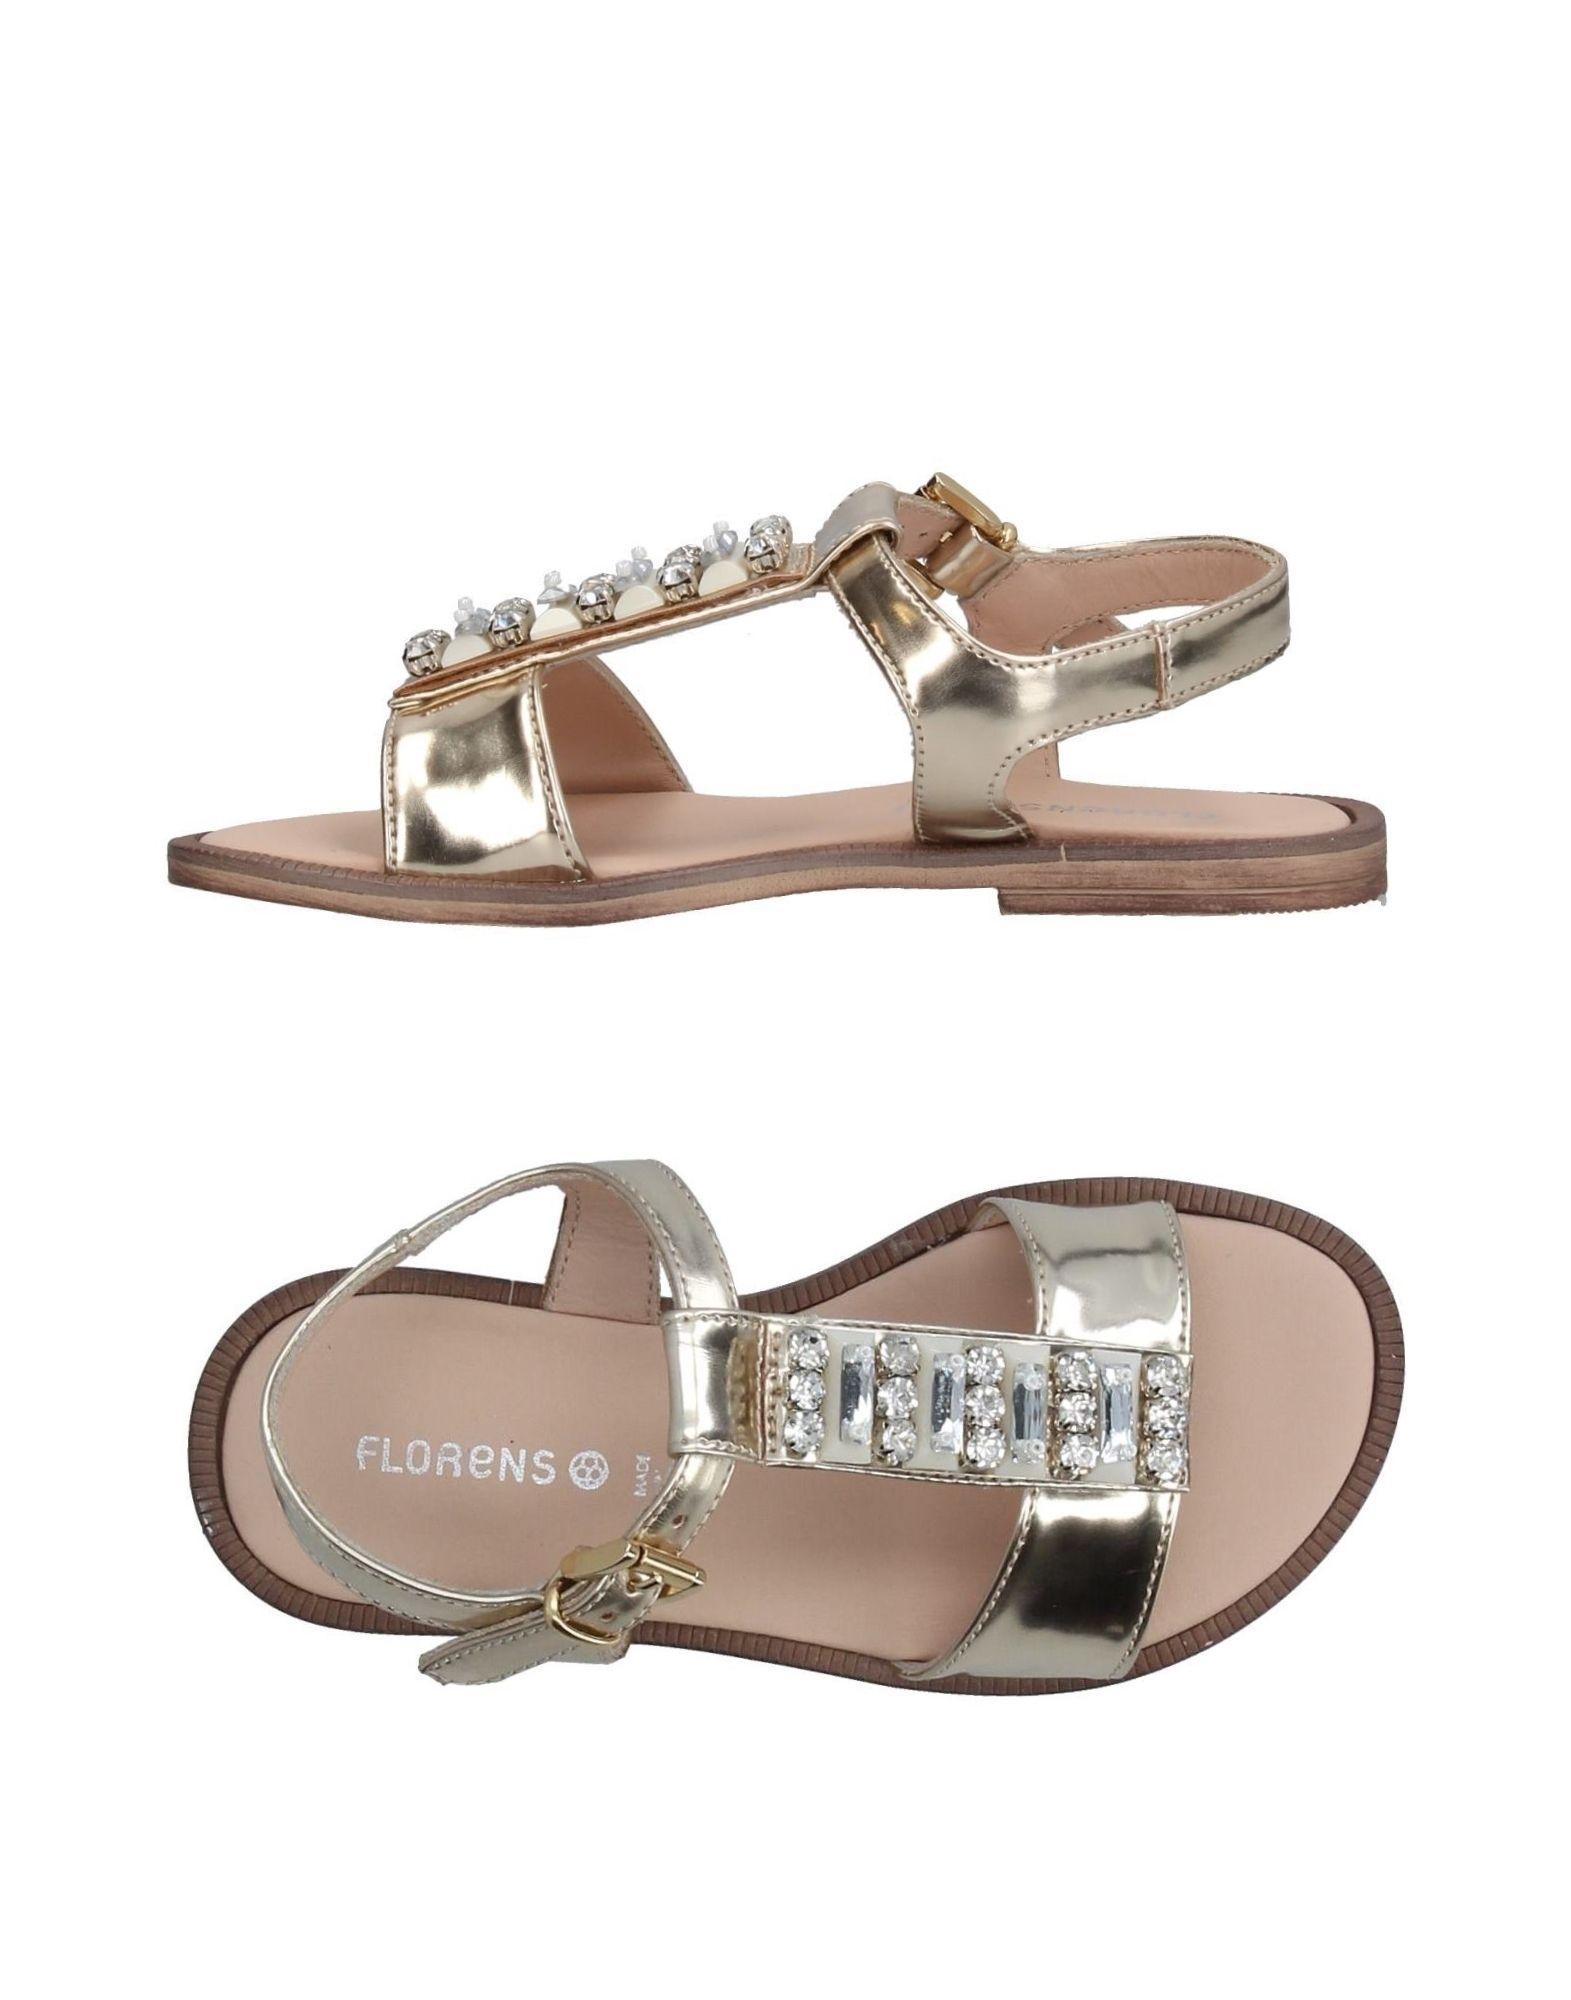 FLORENS Mädchen 3-8 jahre Sandale Farbe Platin Größe 9 jetztbilligerkaufen